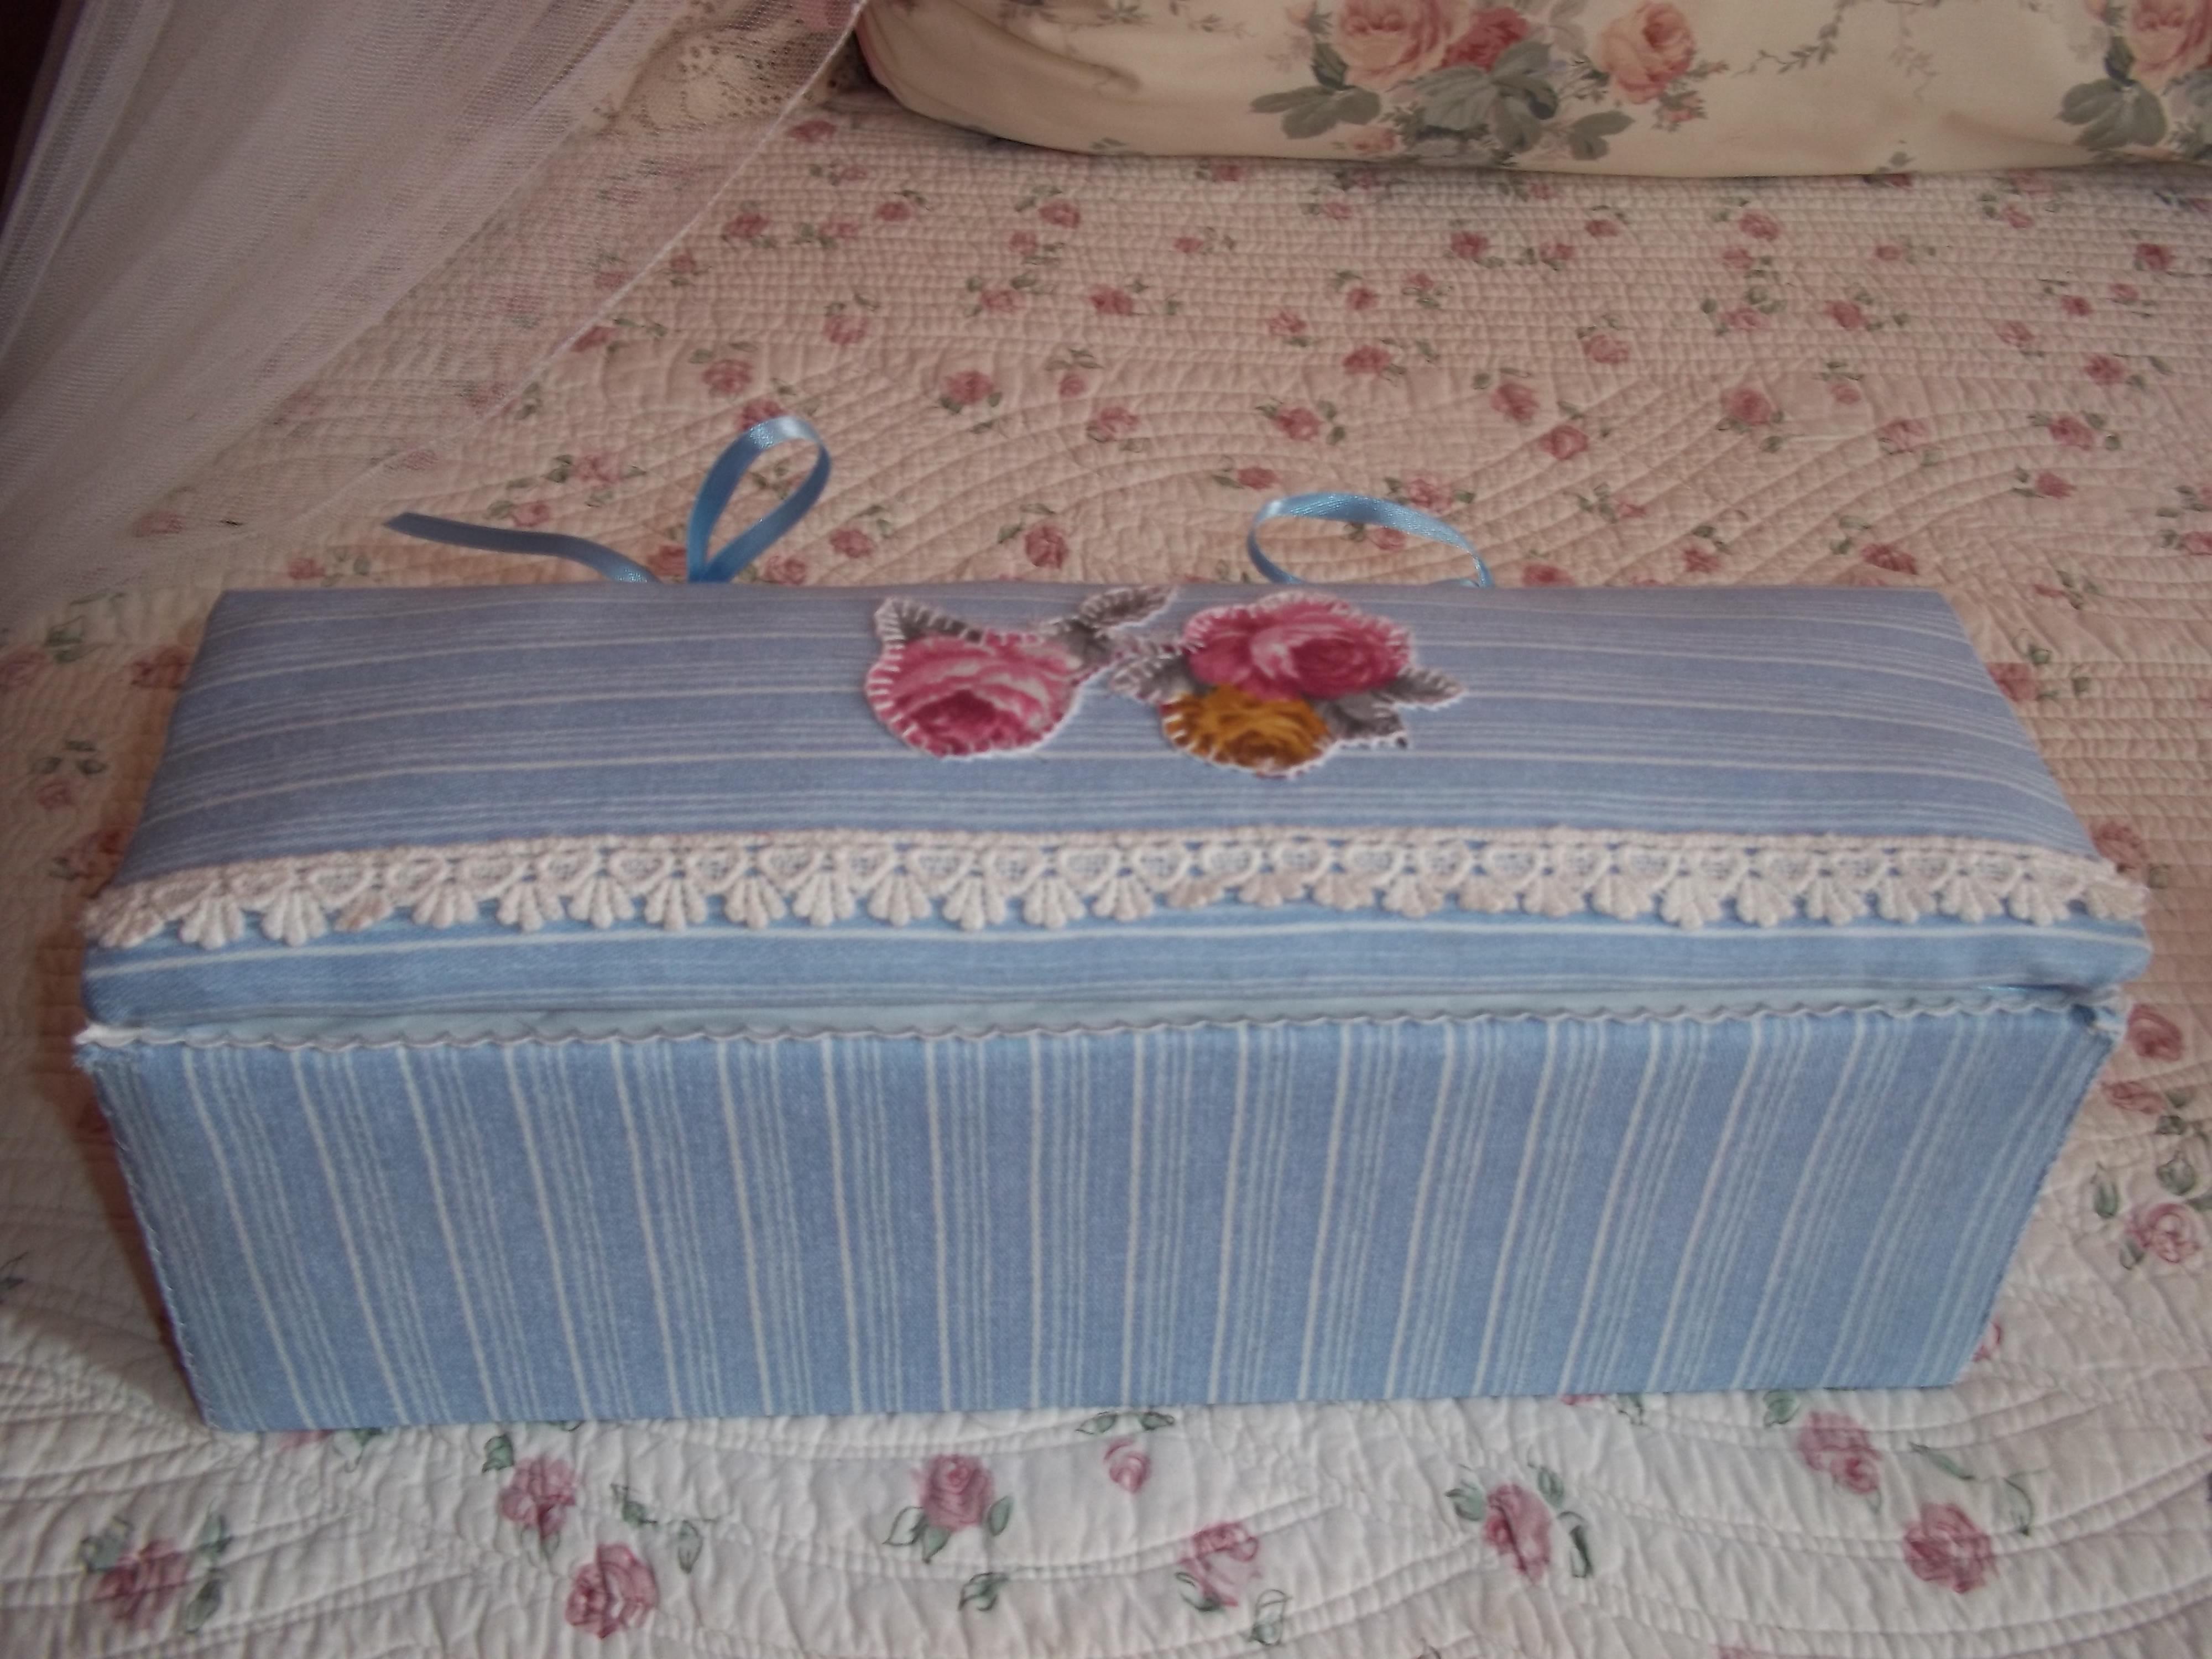 Scatole ricoperte di stoffa e per finire una scatola in for Scatole rivestite in stoffa tutorial